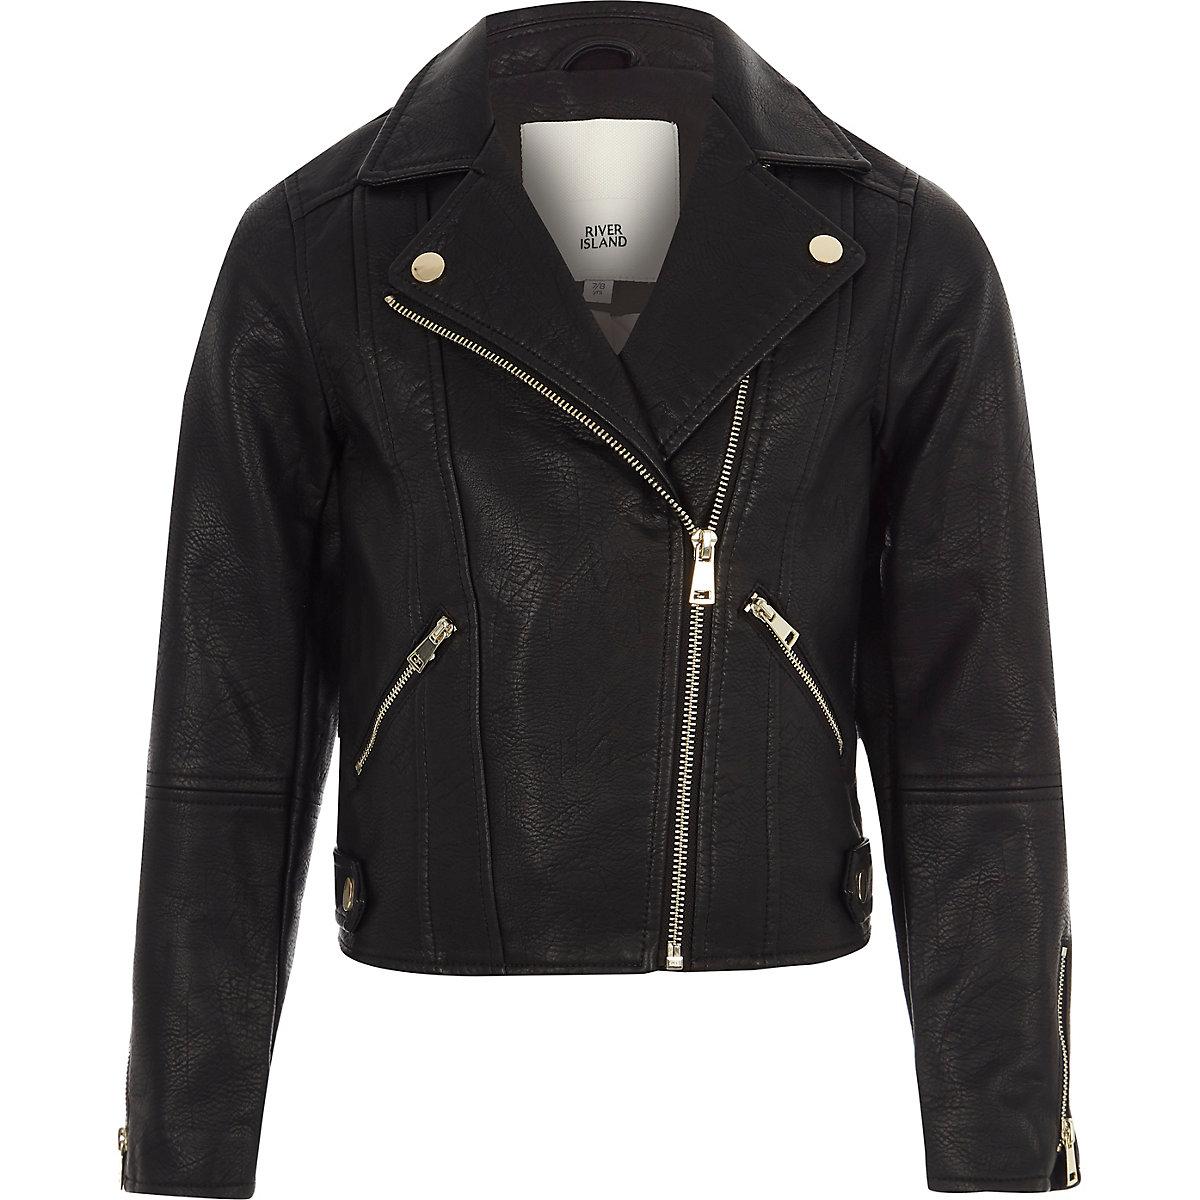 Girls black faux leather biker jacket